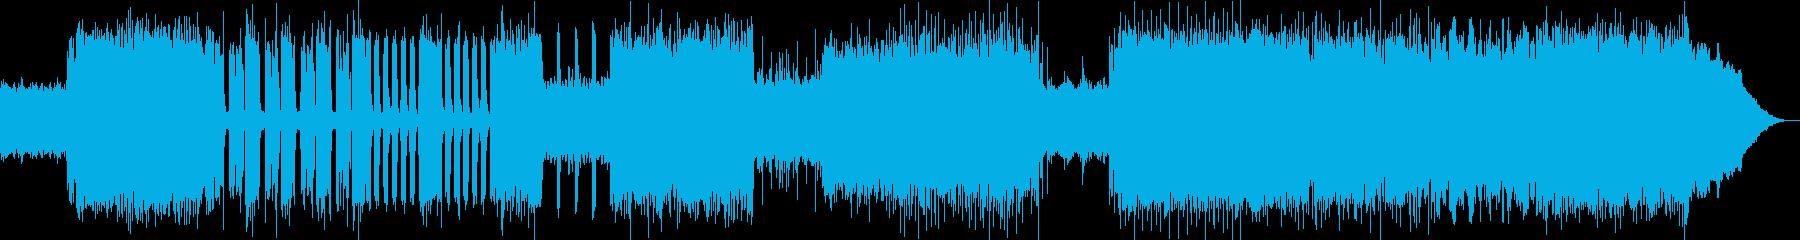 ヘビーメタルリフバンドル!ギター生演奏の再生済みの波形